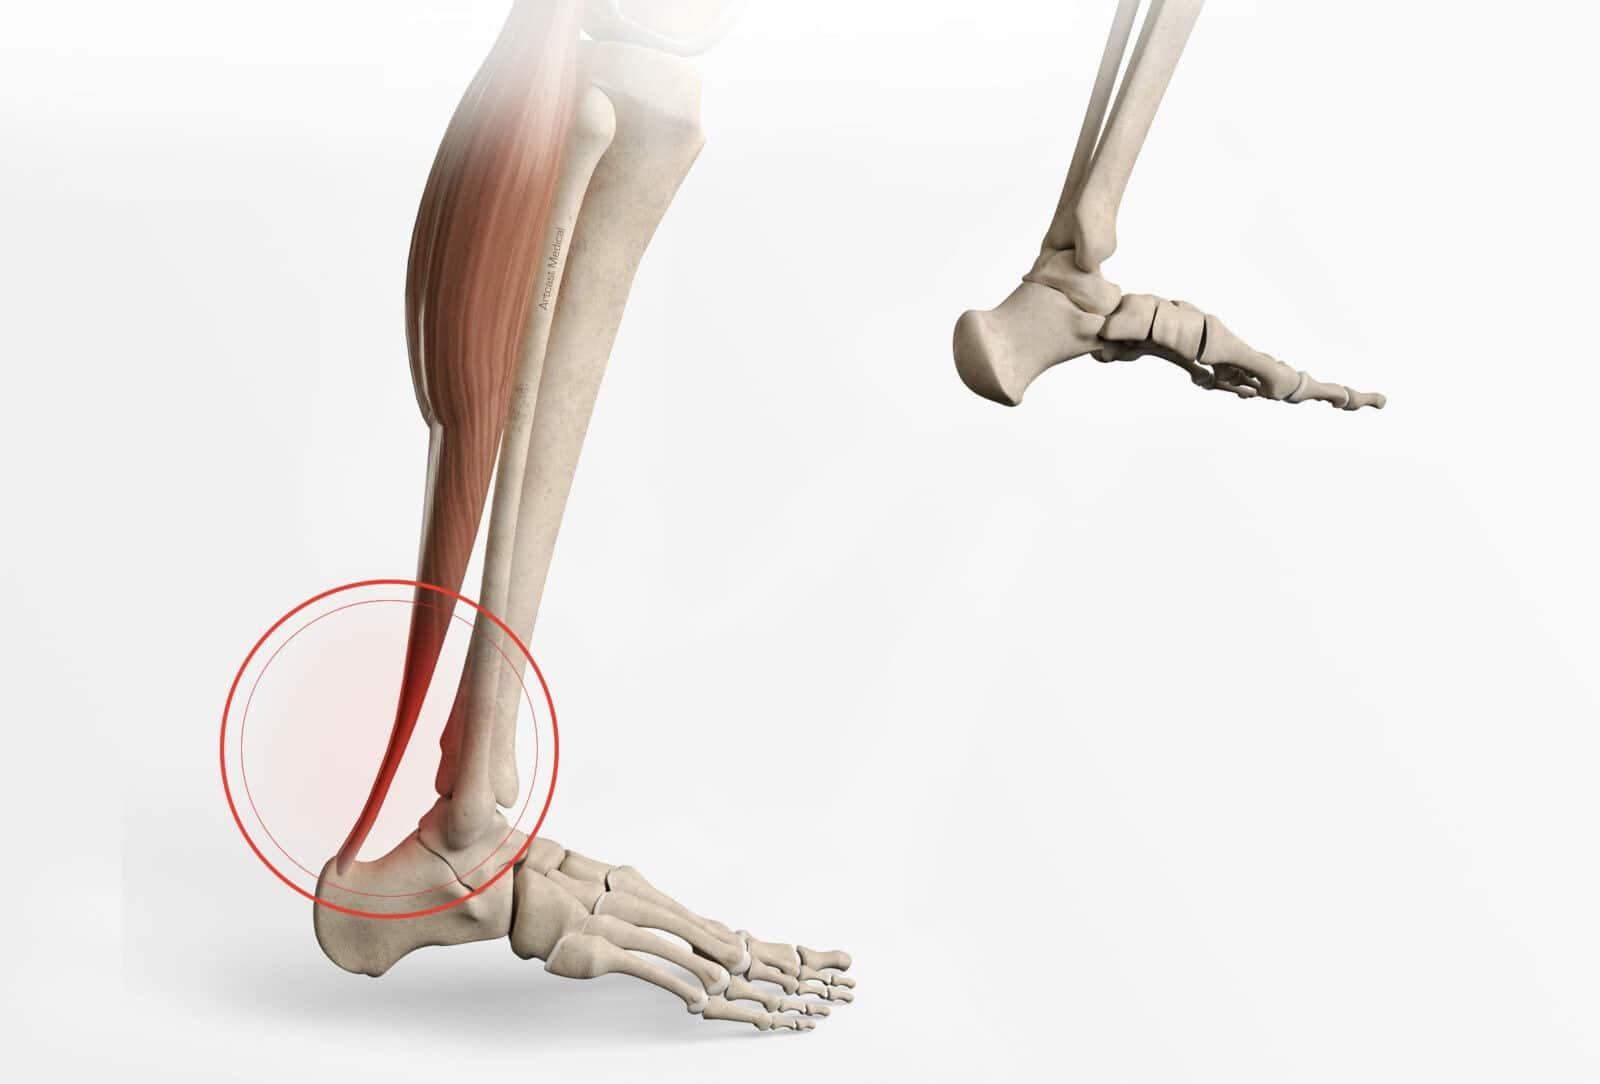 Définition de la pathologie des tendons fibulaires par docteur Paillard: Chirurgien orthopédique